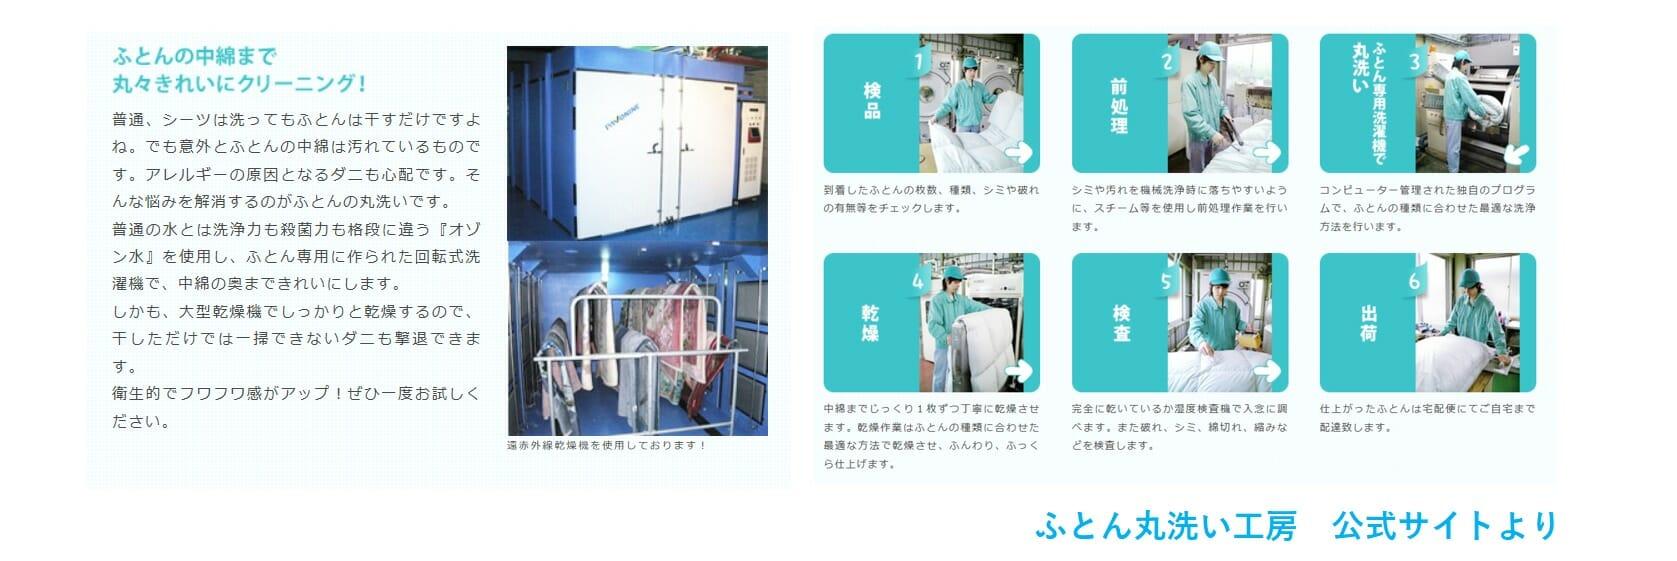 ふとん丸洗い工房